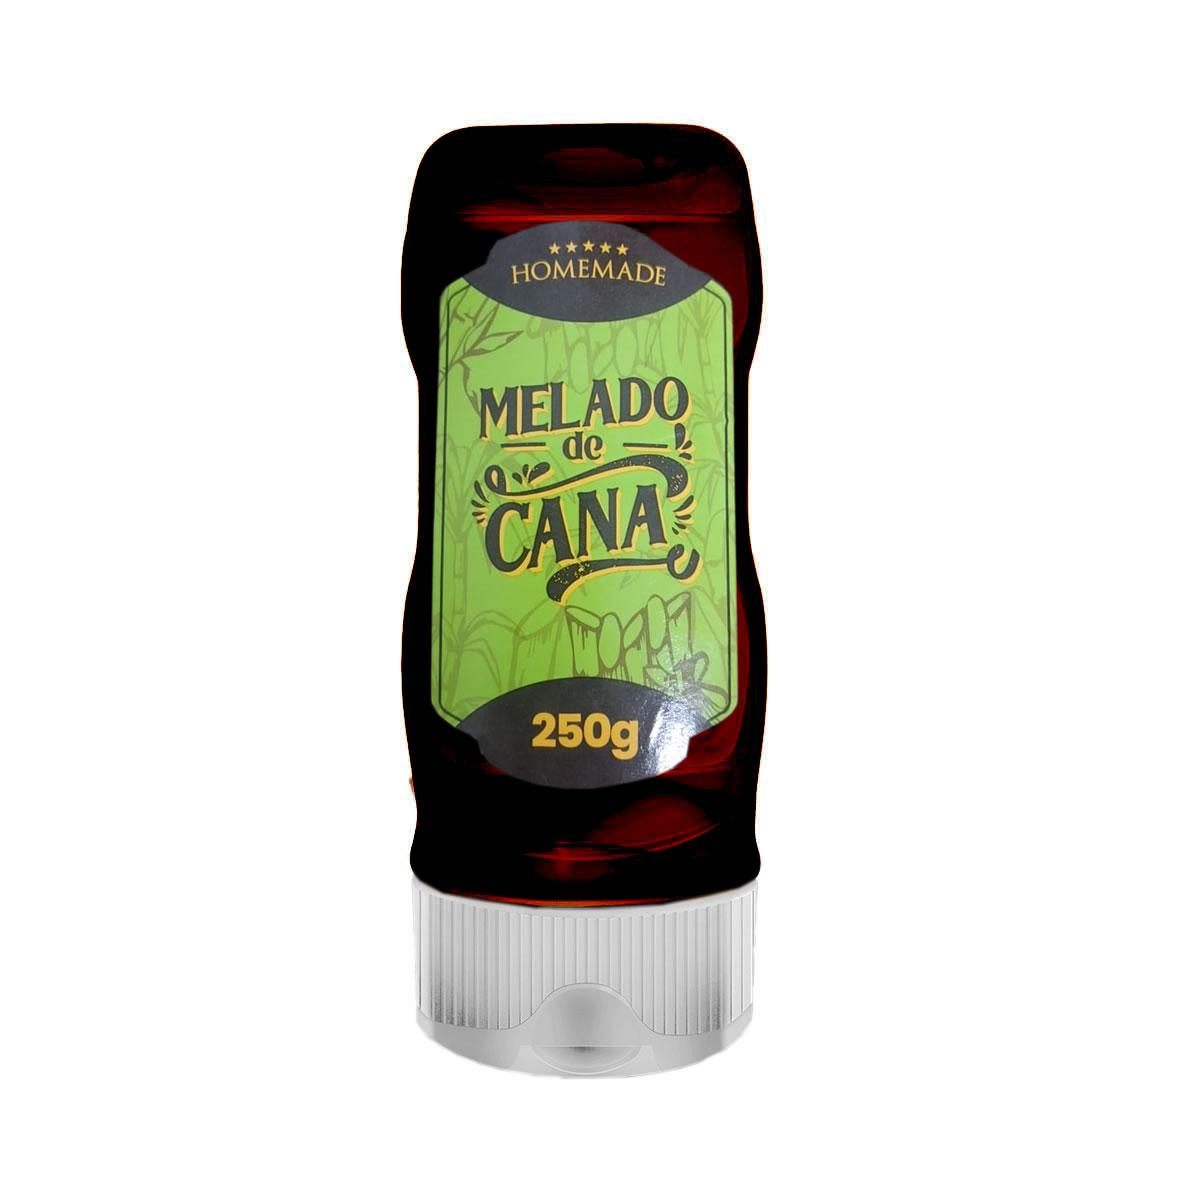 Melado de Cana 250g - Homemade